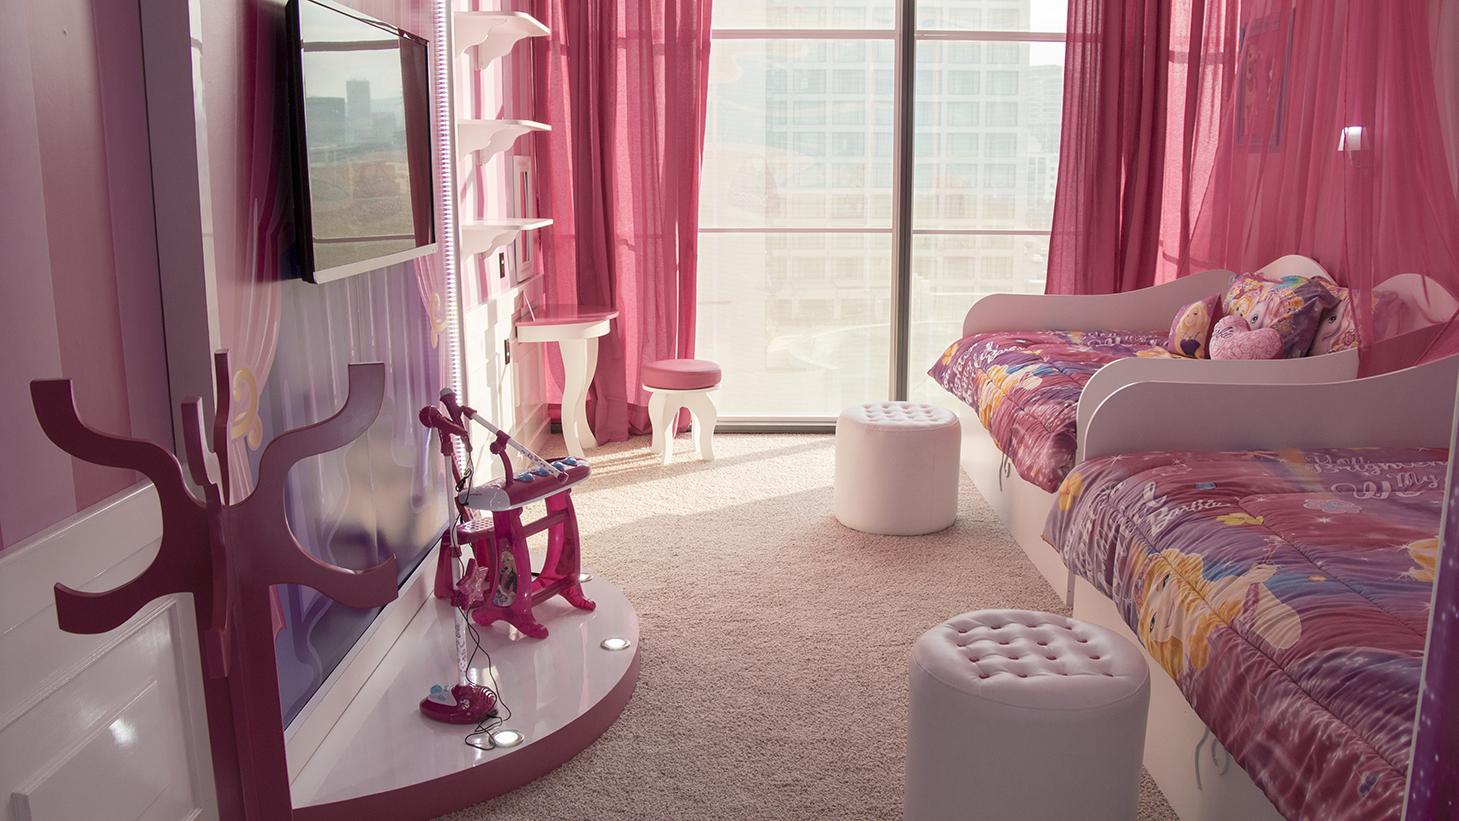 Hotel no México tem quarto inspirado na boneca Barbie #92394B 1459x821 Acessorios Banheiro Hotel